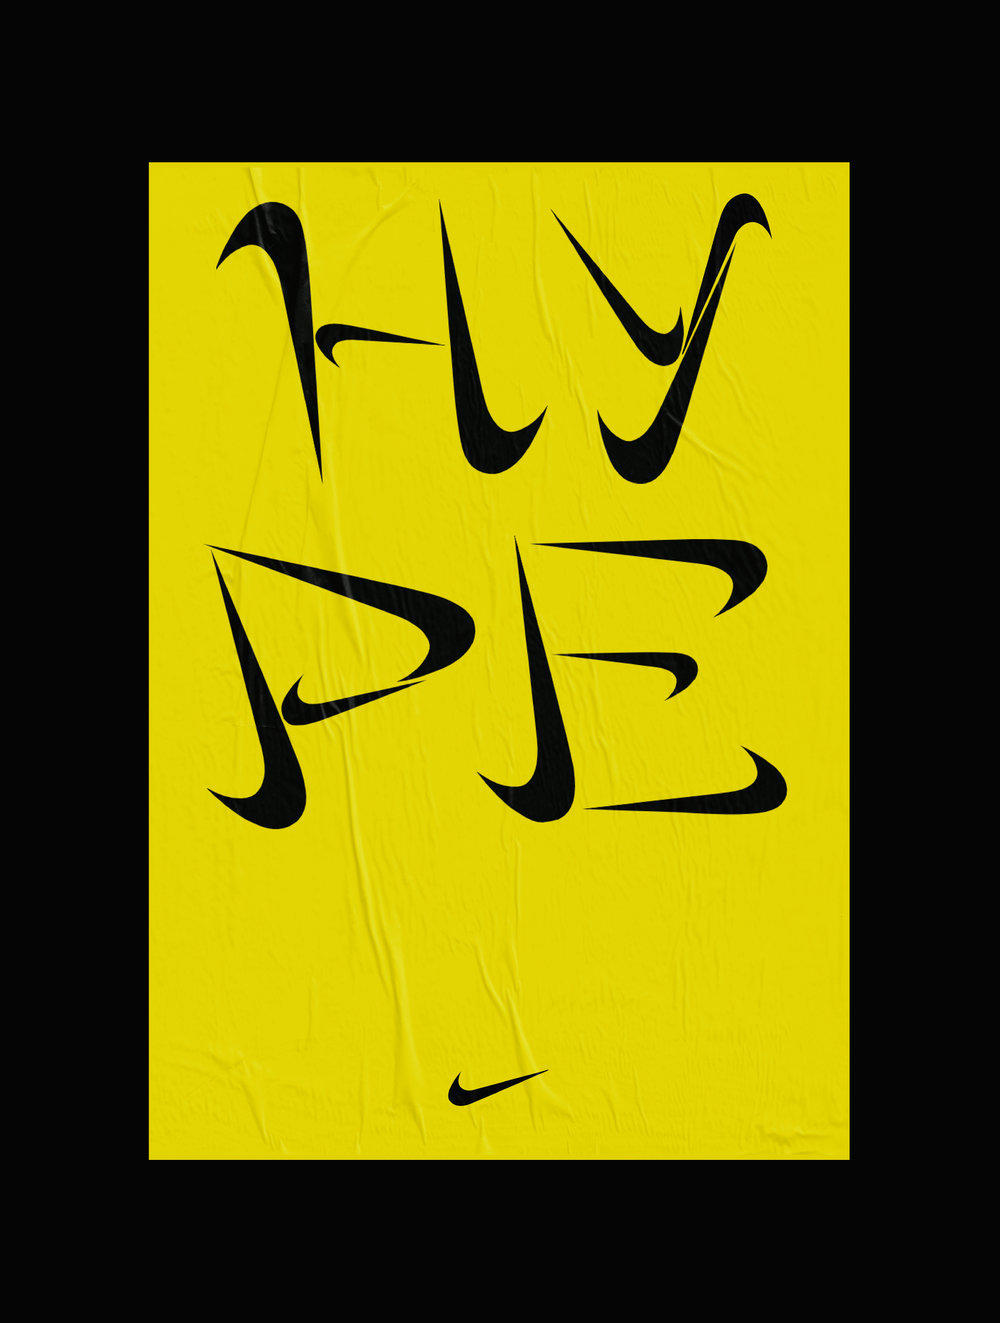 NicoloBernardi-hype poster-3.jpg